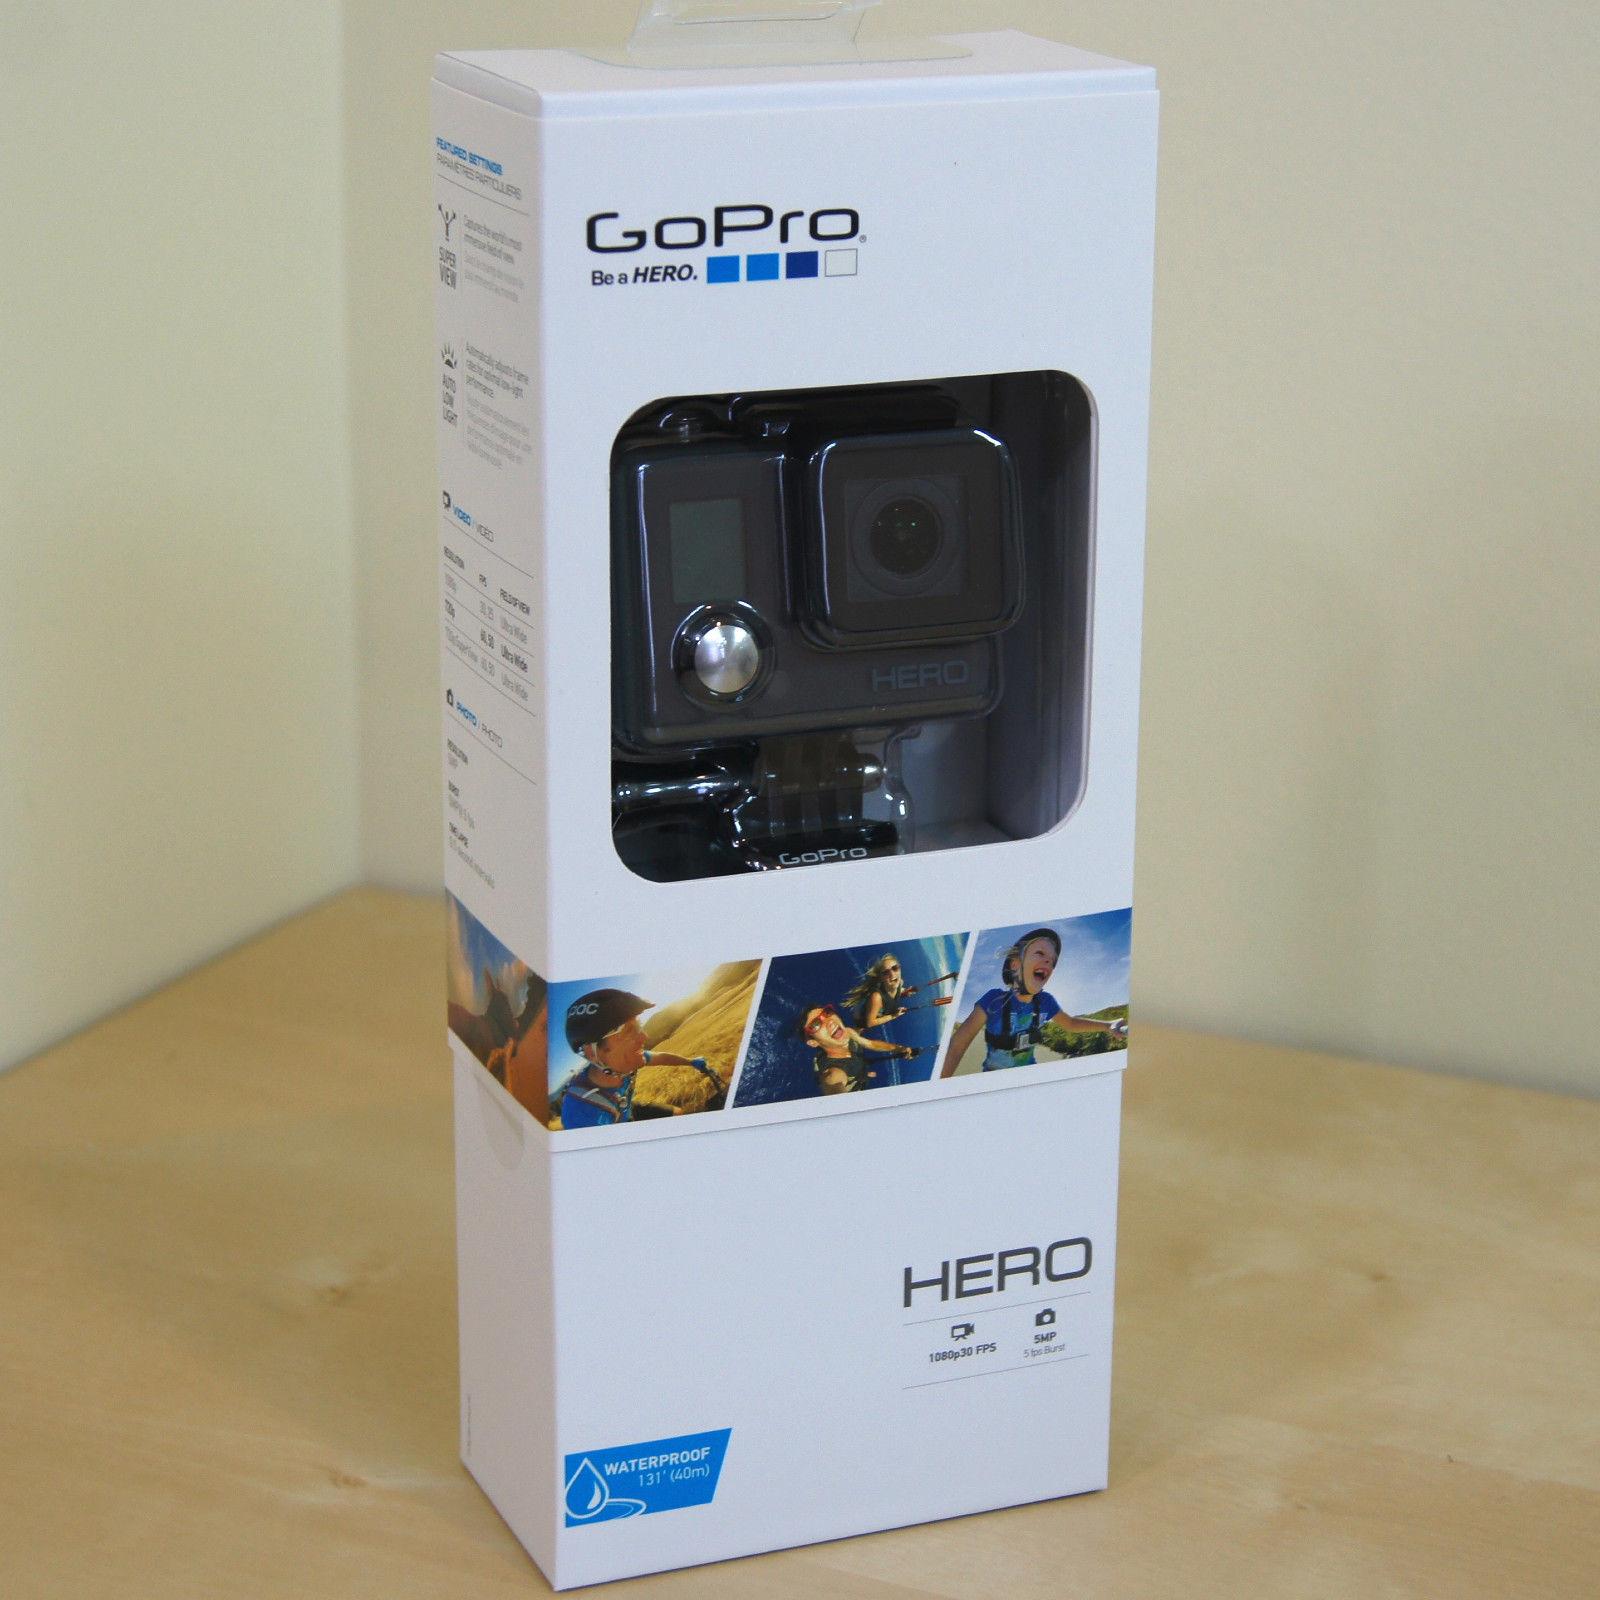 GoPro HERO HD 2014 Waterproof Action Camara Colombia - Importaciones ...